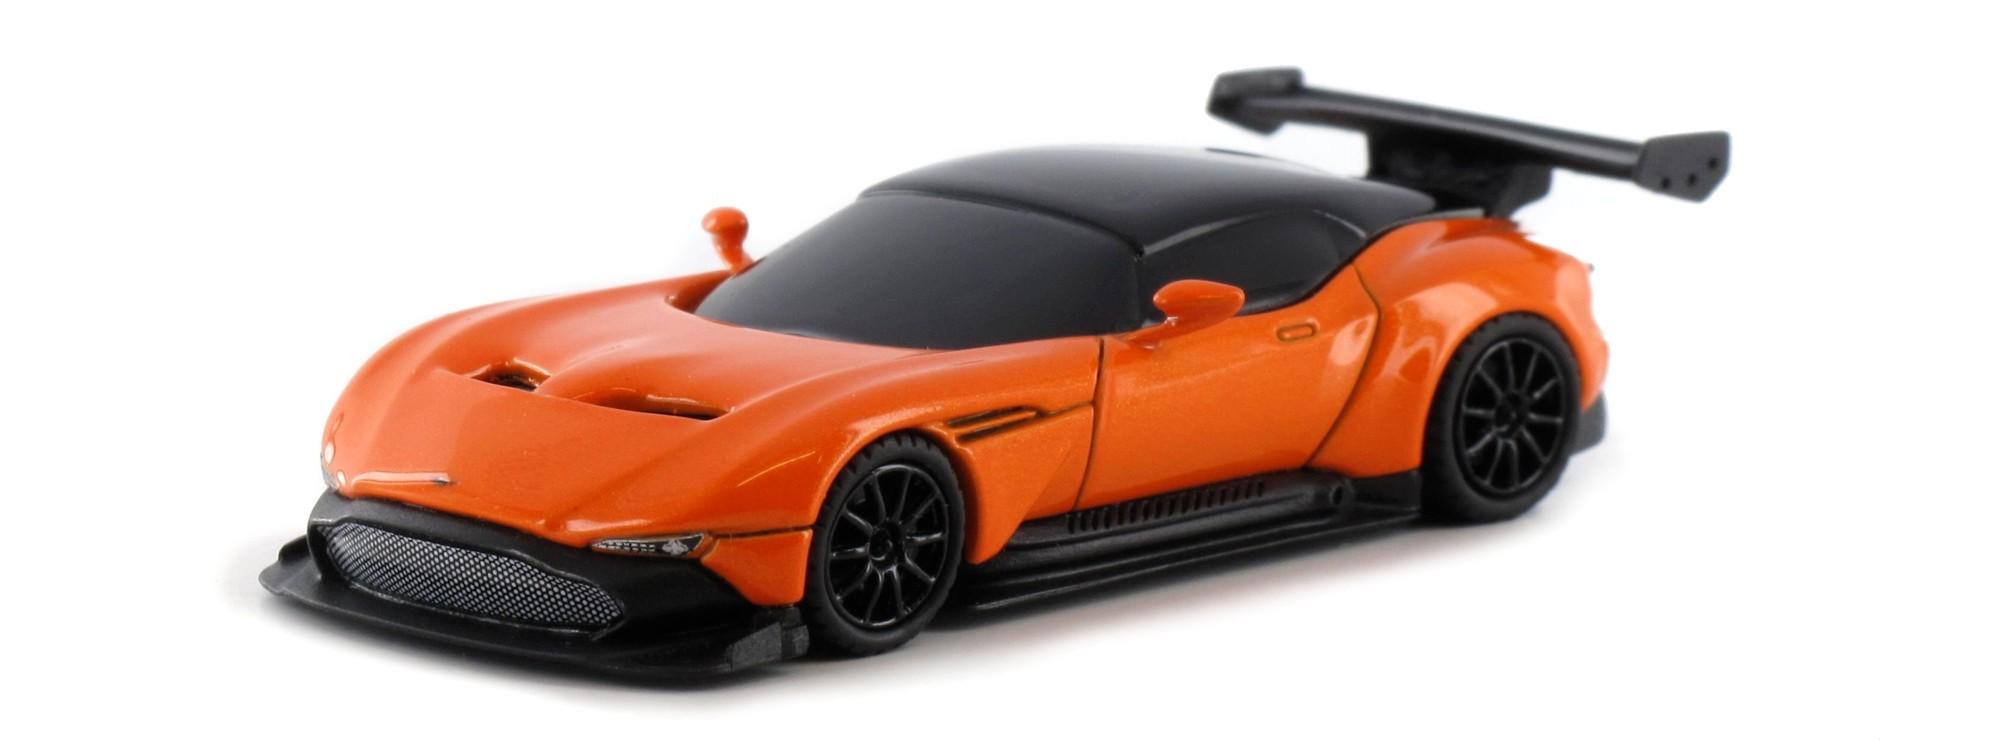 Fronti Art H0 13 Aston Martin Vulcan Orangemetallic Automodell 1 87 Online Kaufen Bei Modellbau Hartle